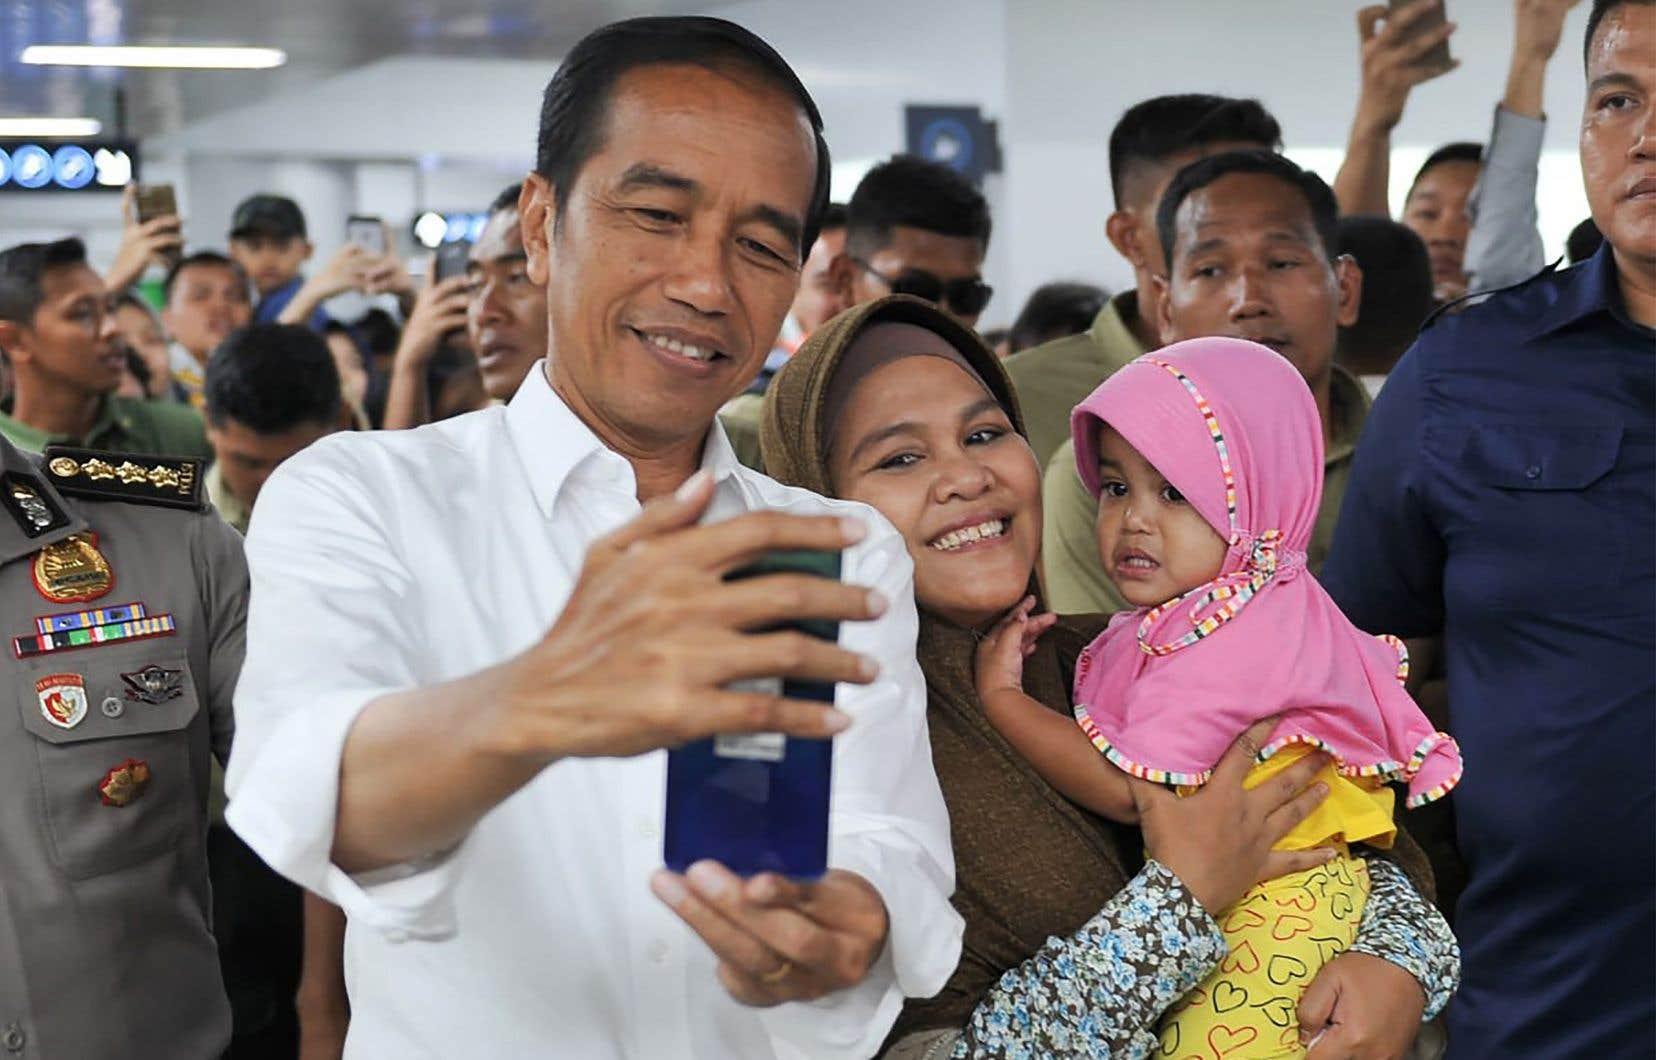 Les derniers sondages donnent une avance confortable d'une vingtaine de points de pourcentage à Joko Widodo.